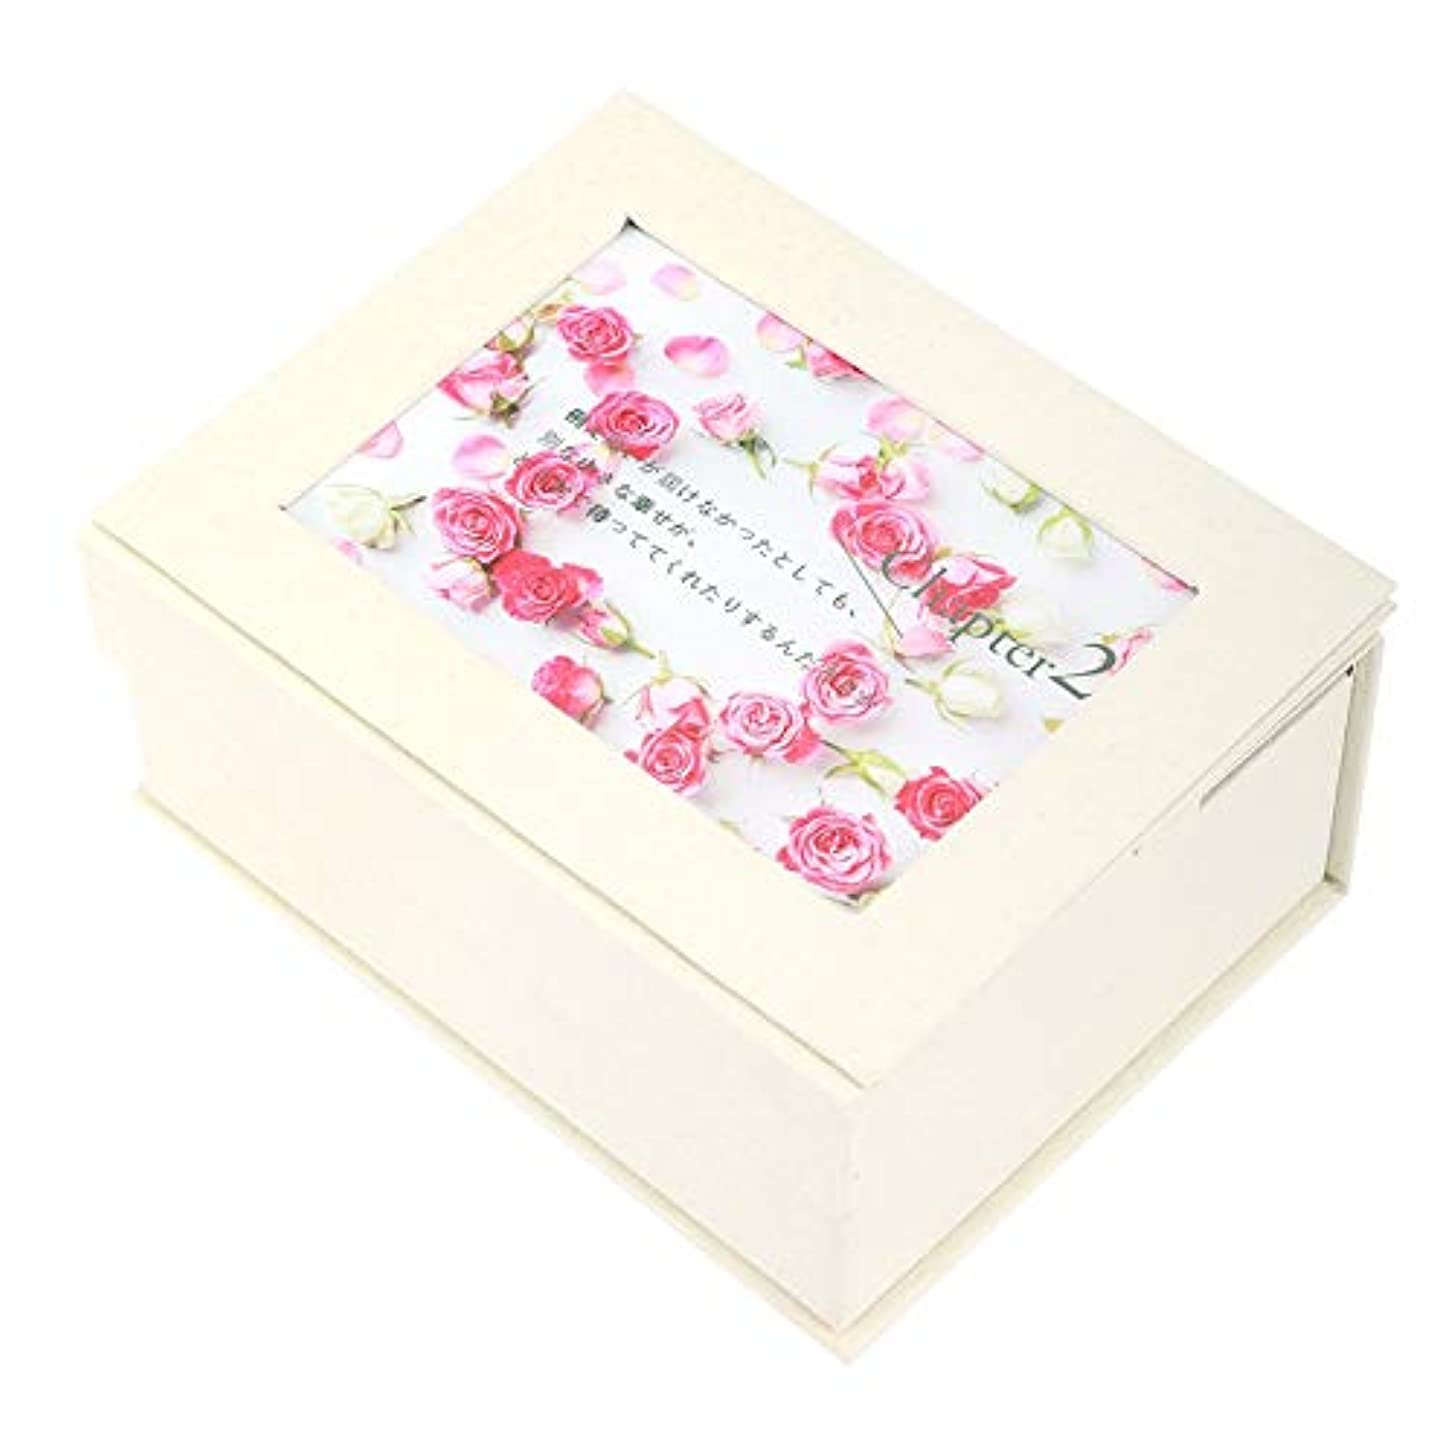 インストラクターチョップ冒険者石鹸の花のギフト用の箱、石鹸の花のギフト用の箱の女の子のお母さんの誕生日のクリスマスの結婚式のギフトの写真フレームが付いている花の石鹸(#1)